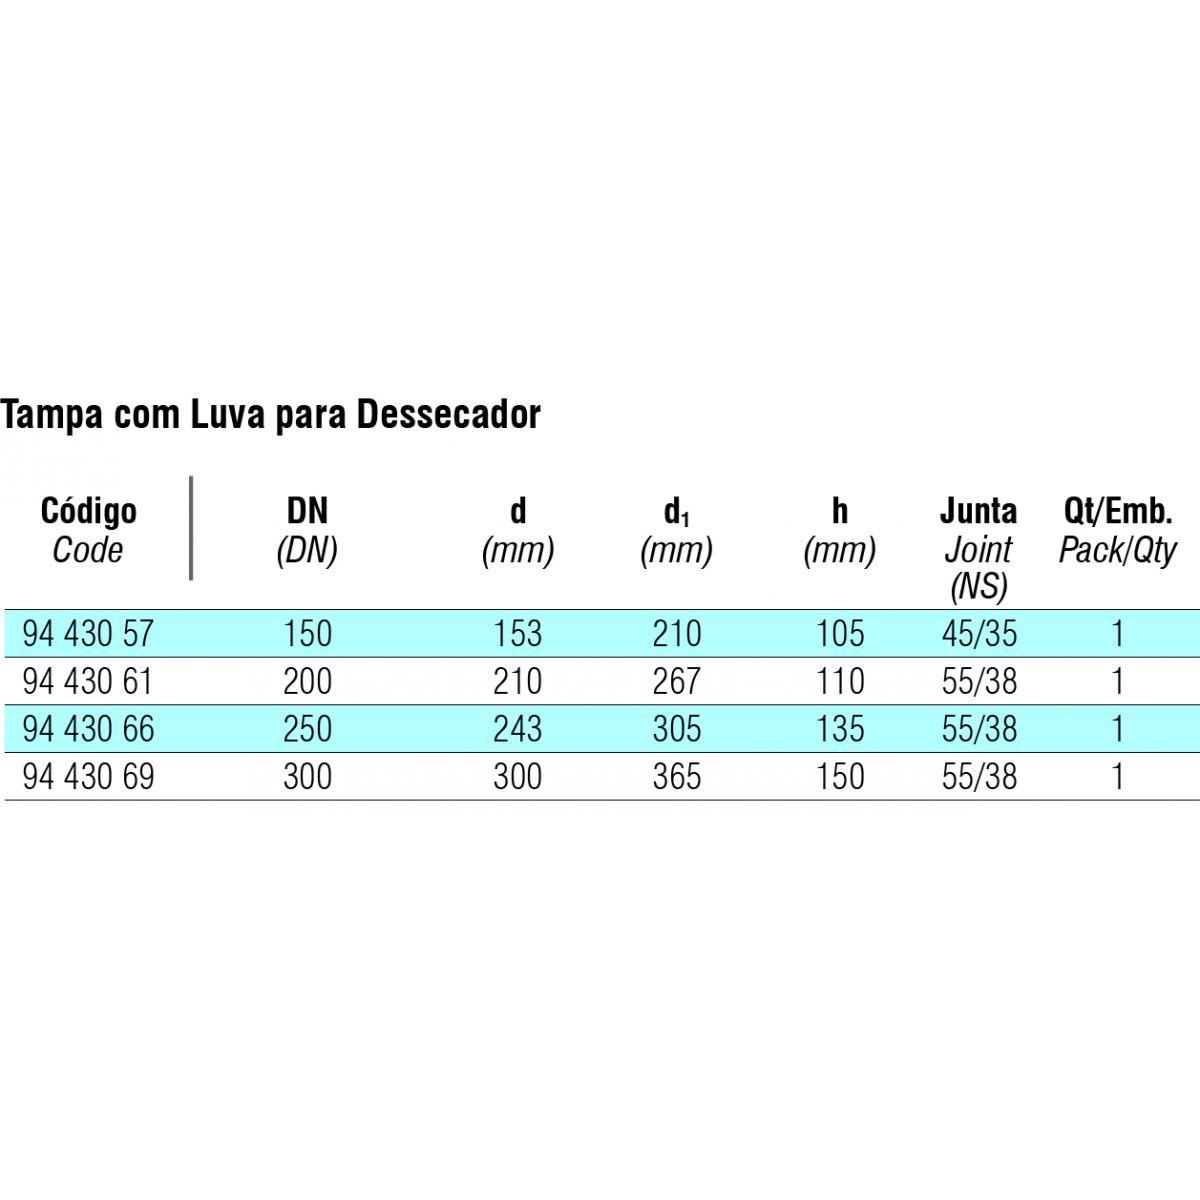 Tampa com Luva para Dessecador  - loja.laborglas.com.br